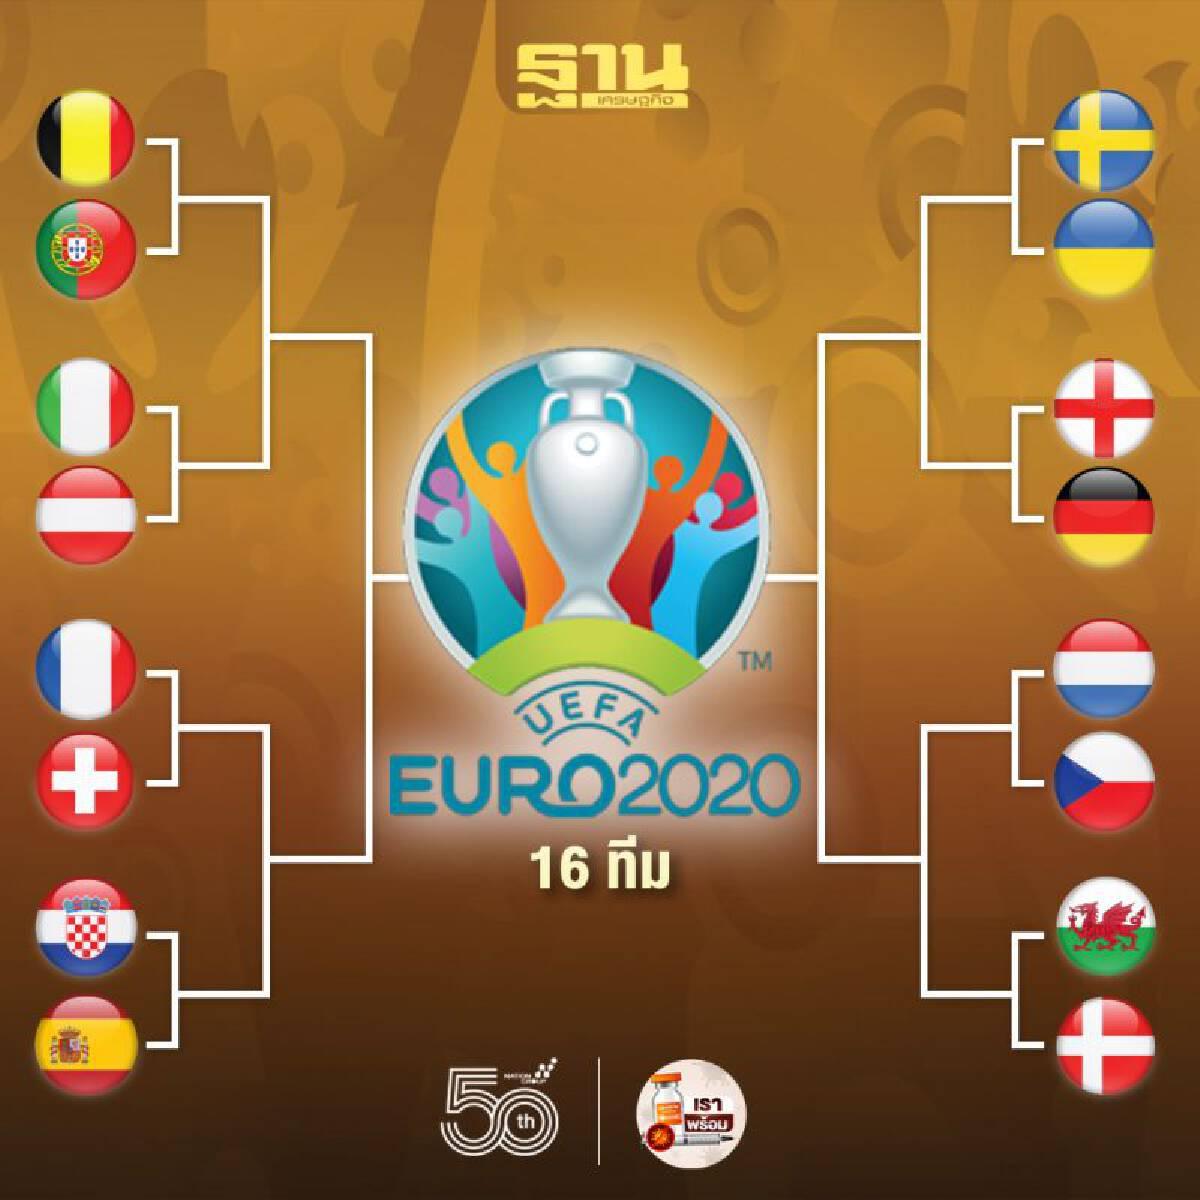 โปรแกรมฟุตบอลยูโร2020 รอบ 16 ทีมสุดท้าย